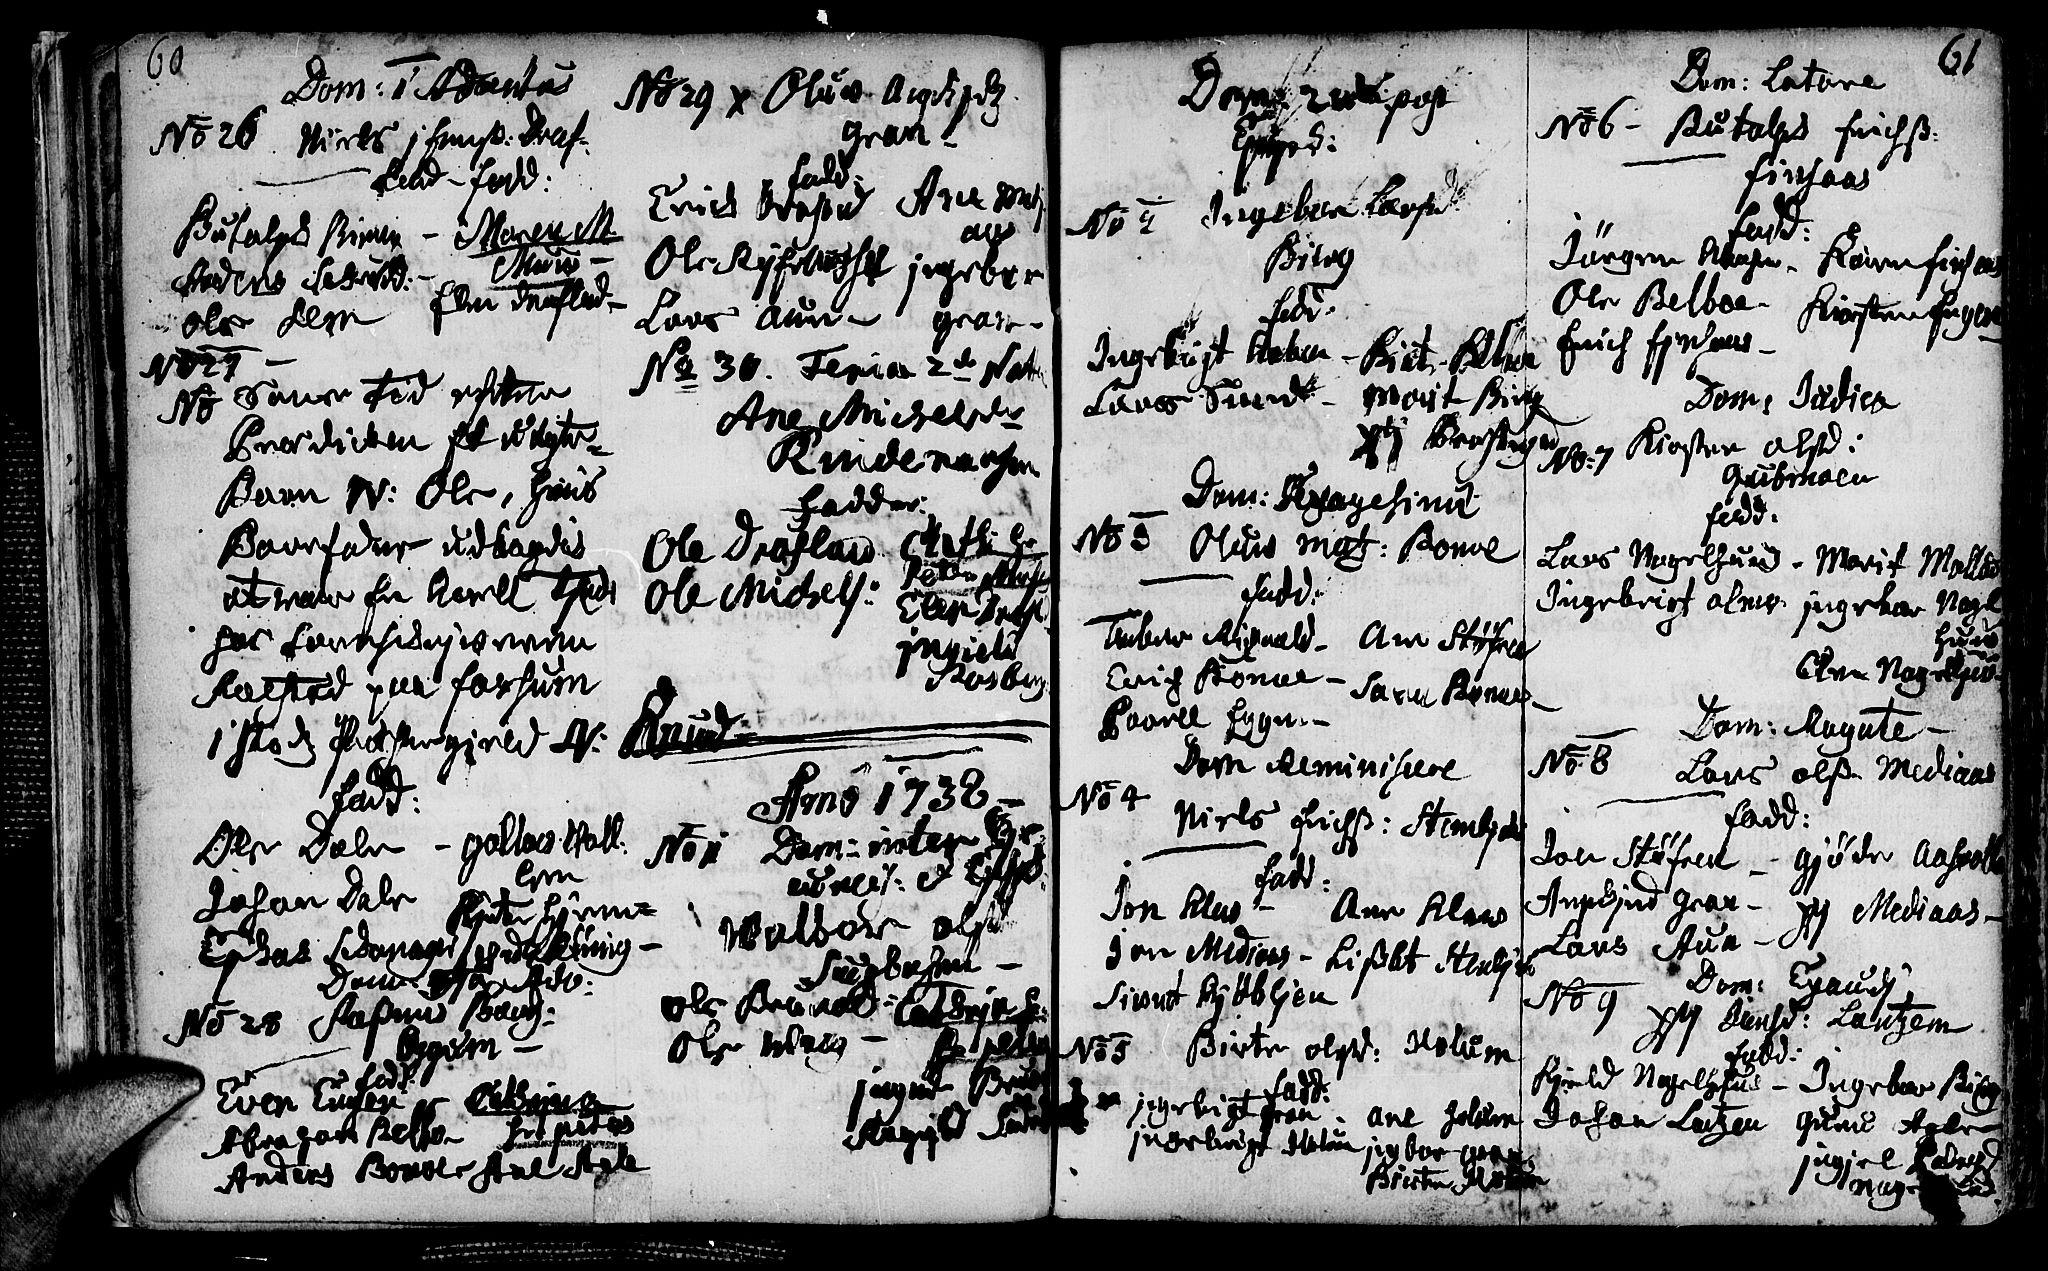 SAT, Ministerialprotokoller, klokkerbøker og fødselsregistre - Nord-Trøndelag, 749/L0467: Ministerialbok nr. 749A01, 1733-1787, s. 60-61